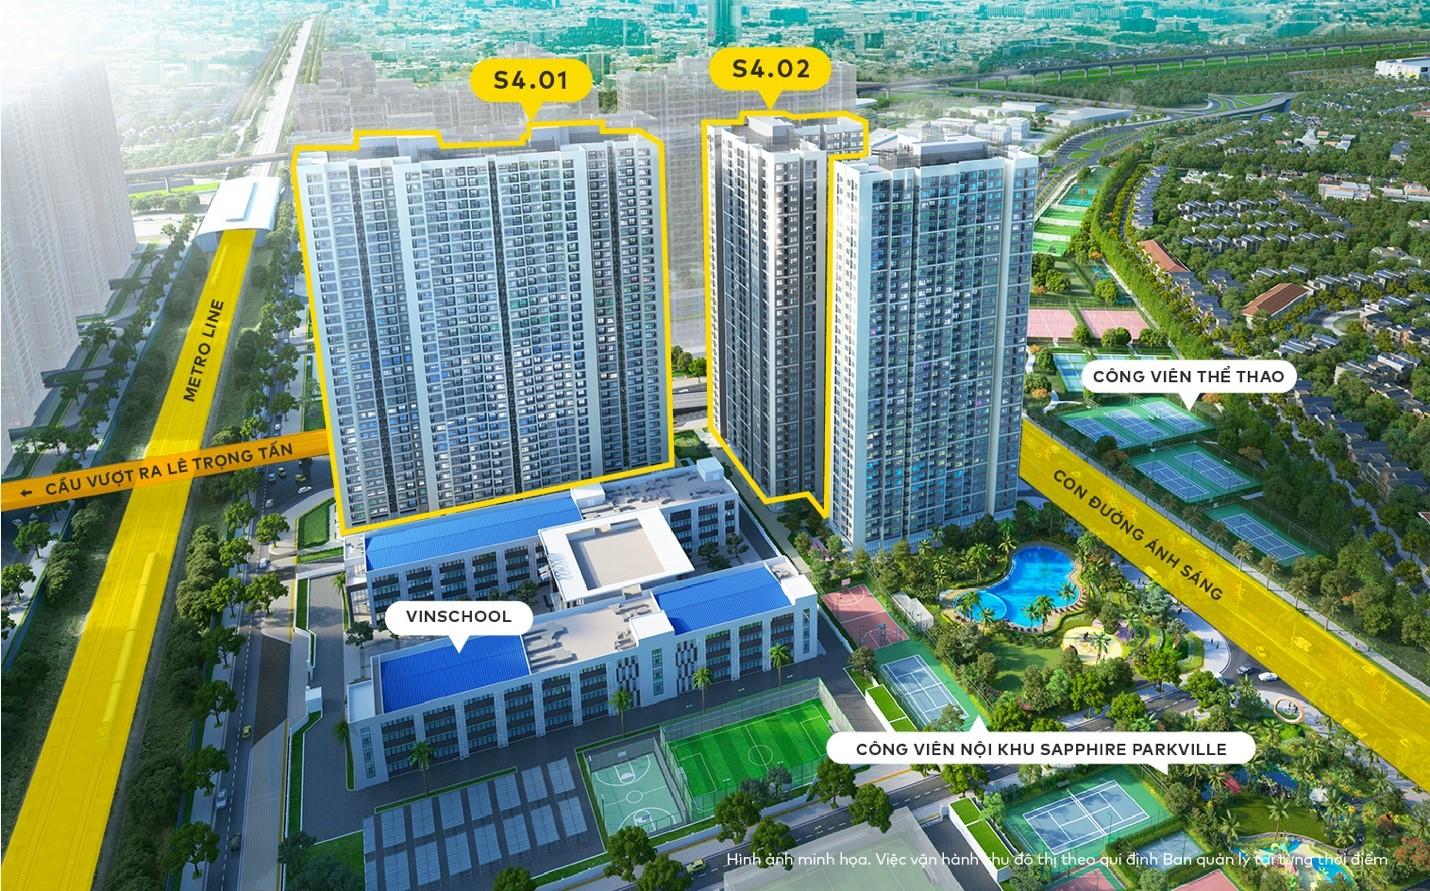 Mặt bằng căn hộ phân khu The Saphire 4 (S4.01-S4.02-S4.03) Vinhomes Smart City